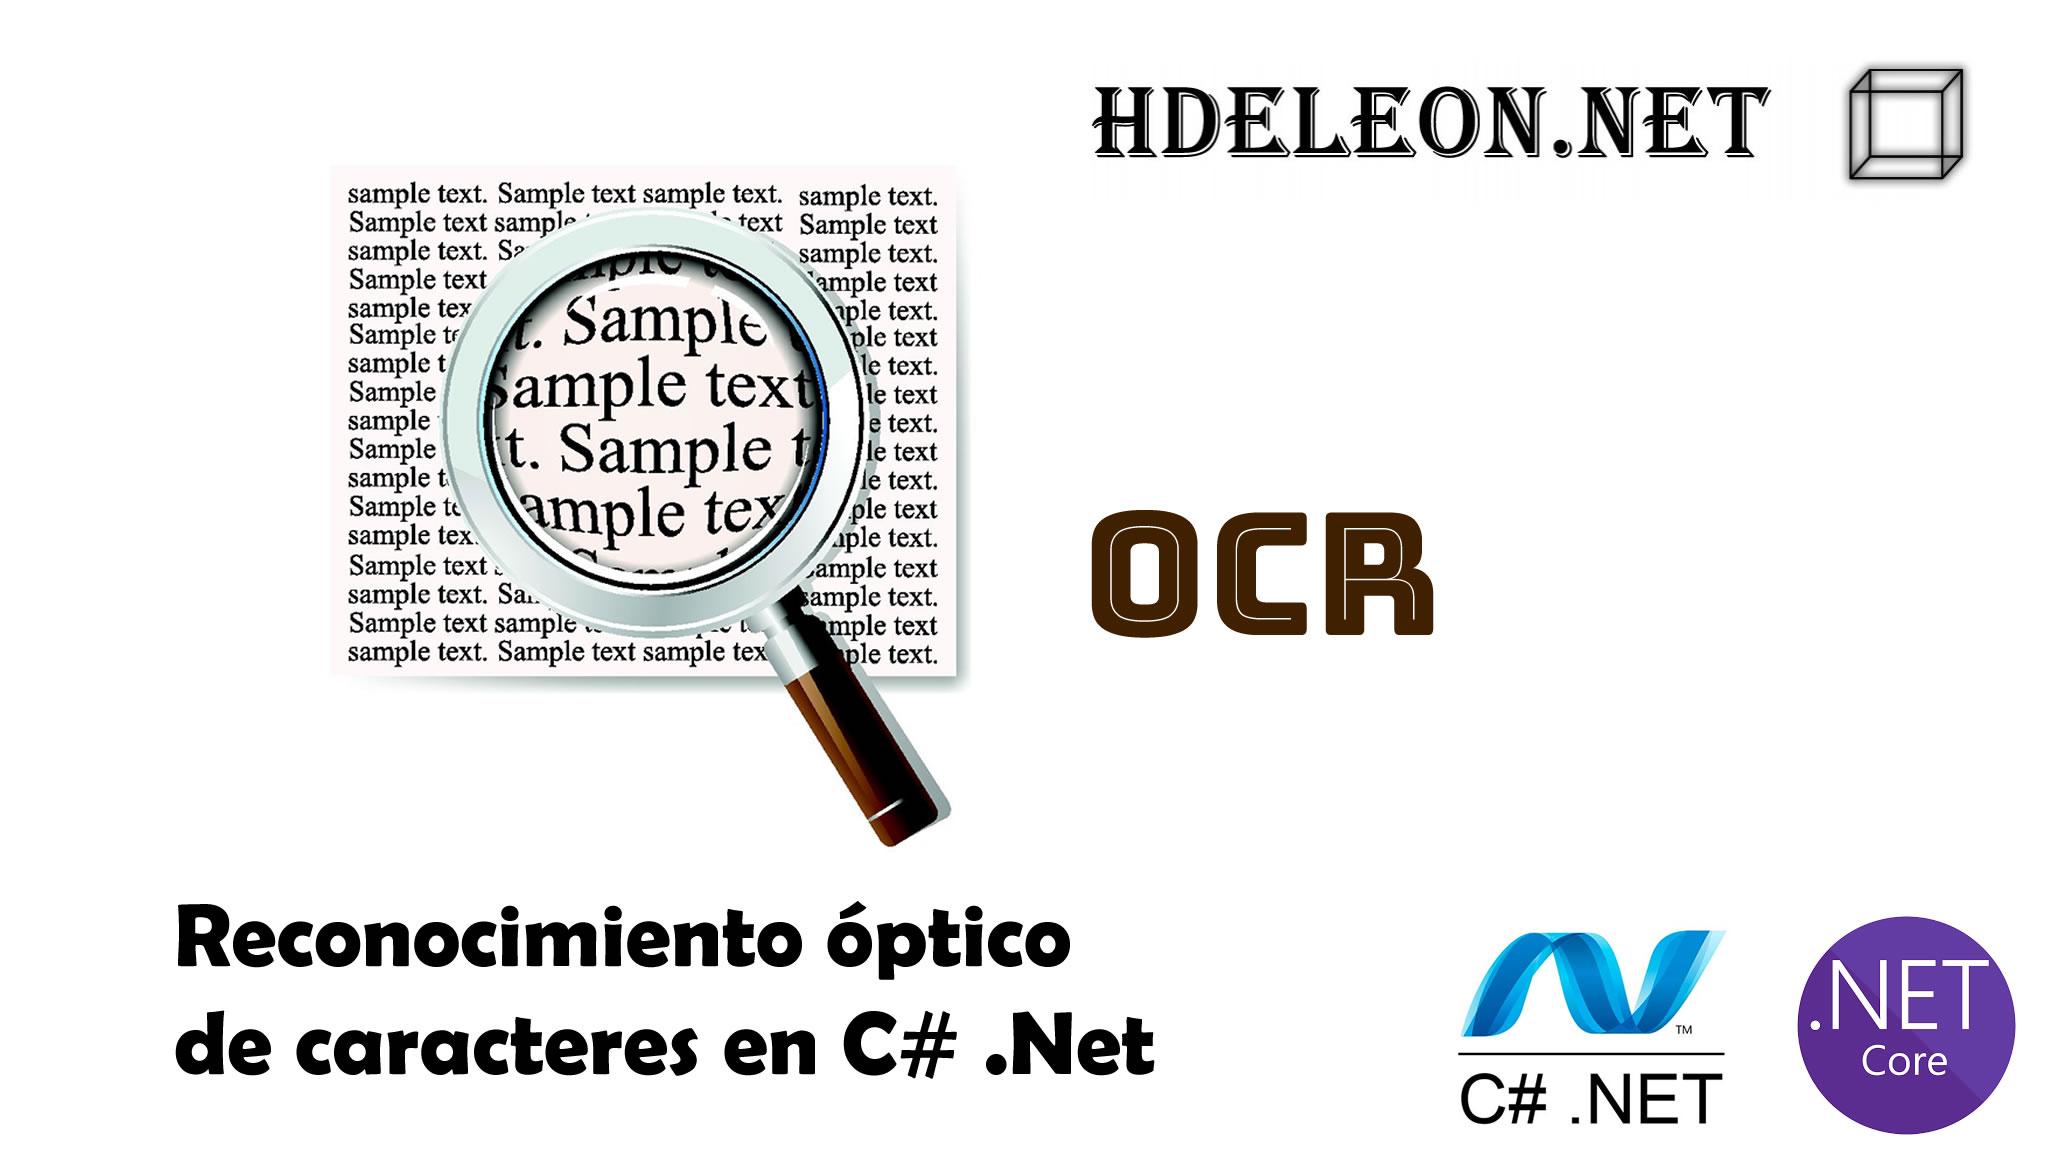 Reconocimiento óptico de caracteres en C# .Net, Tesseract